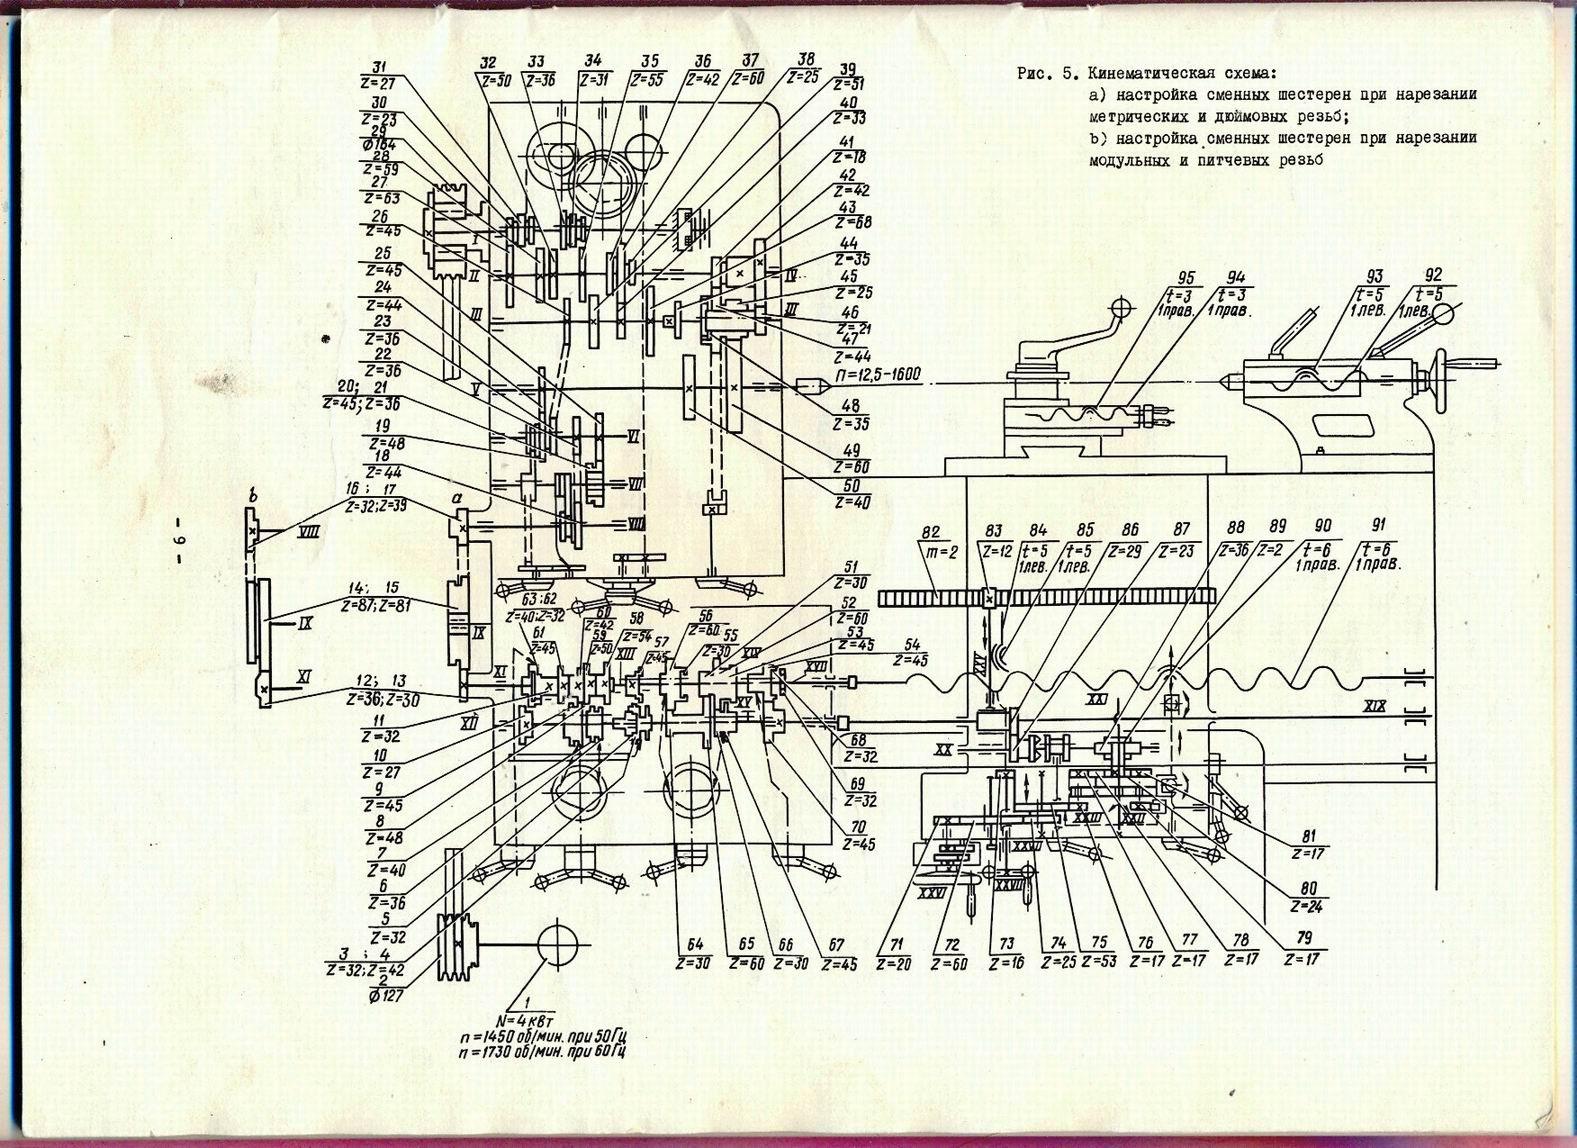 Кинематическая схема 1М61 токарно-винторезного станка.